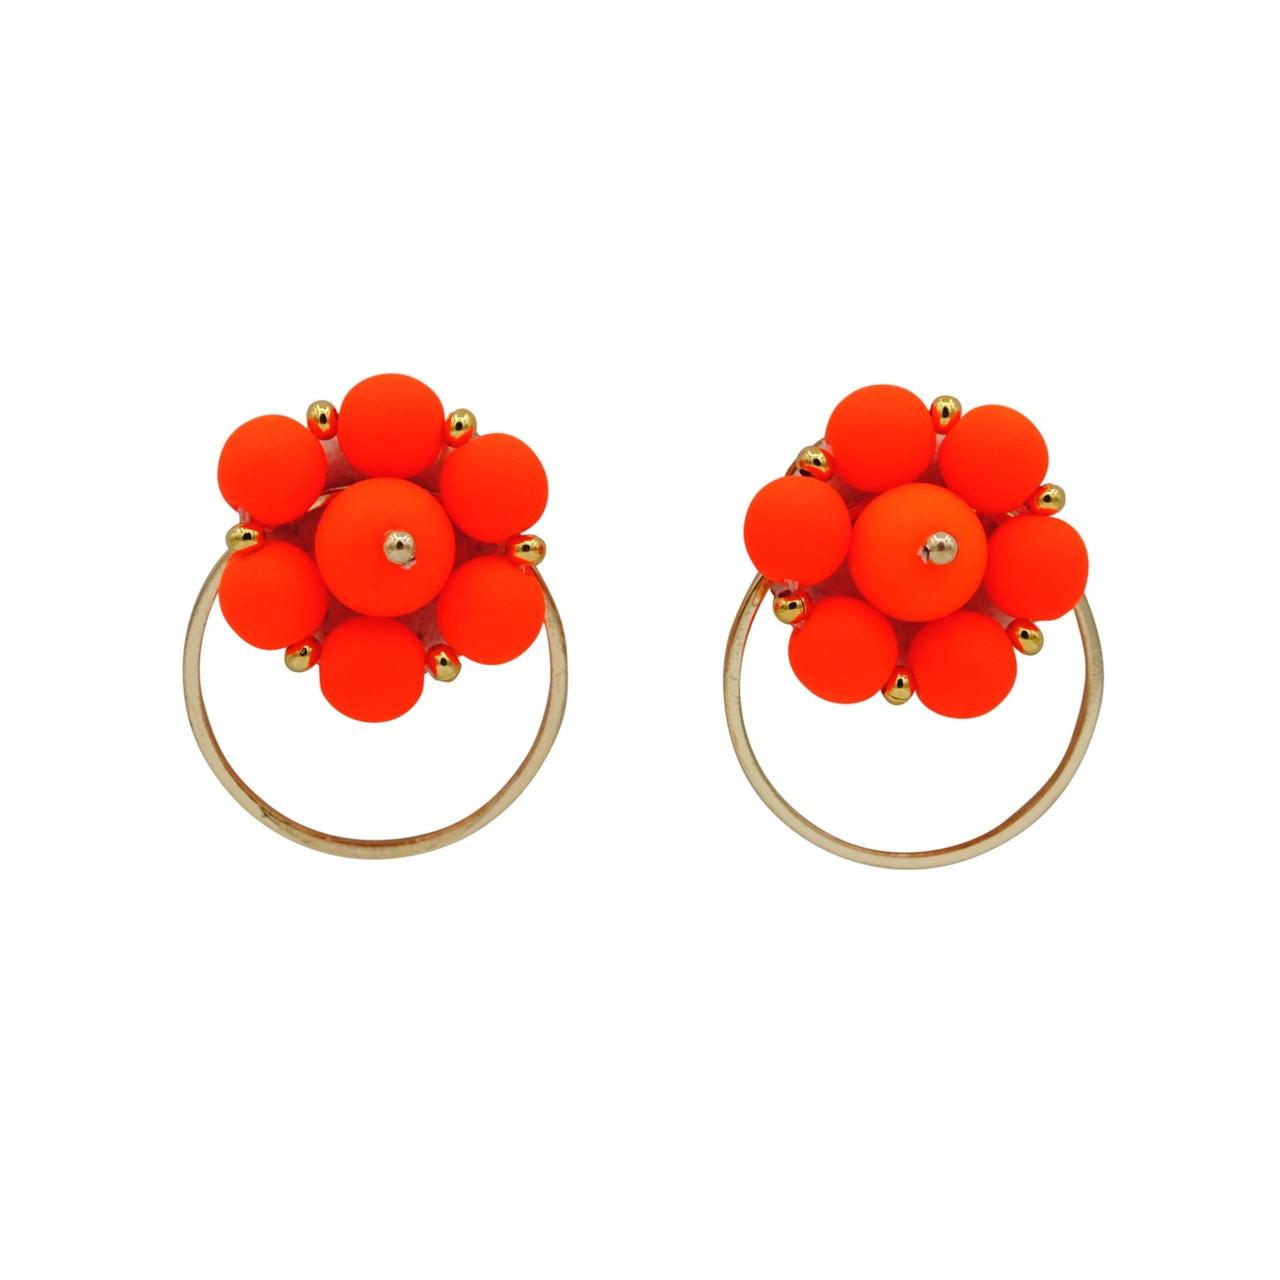 Forever Fiesta Hoop Earrings in Orange